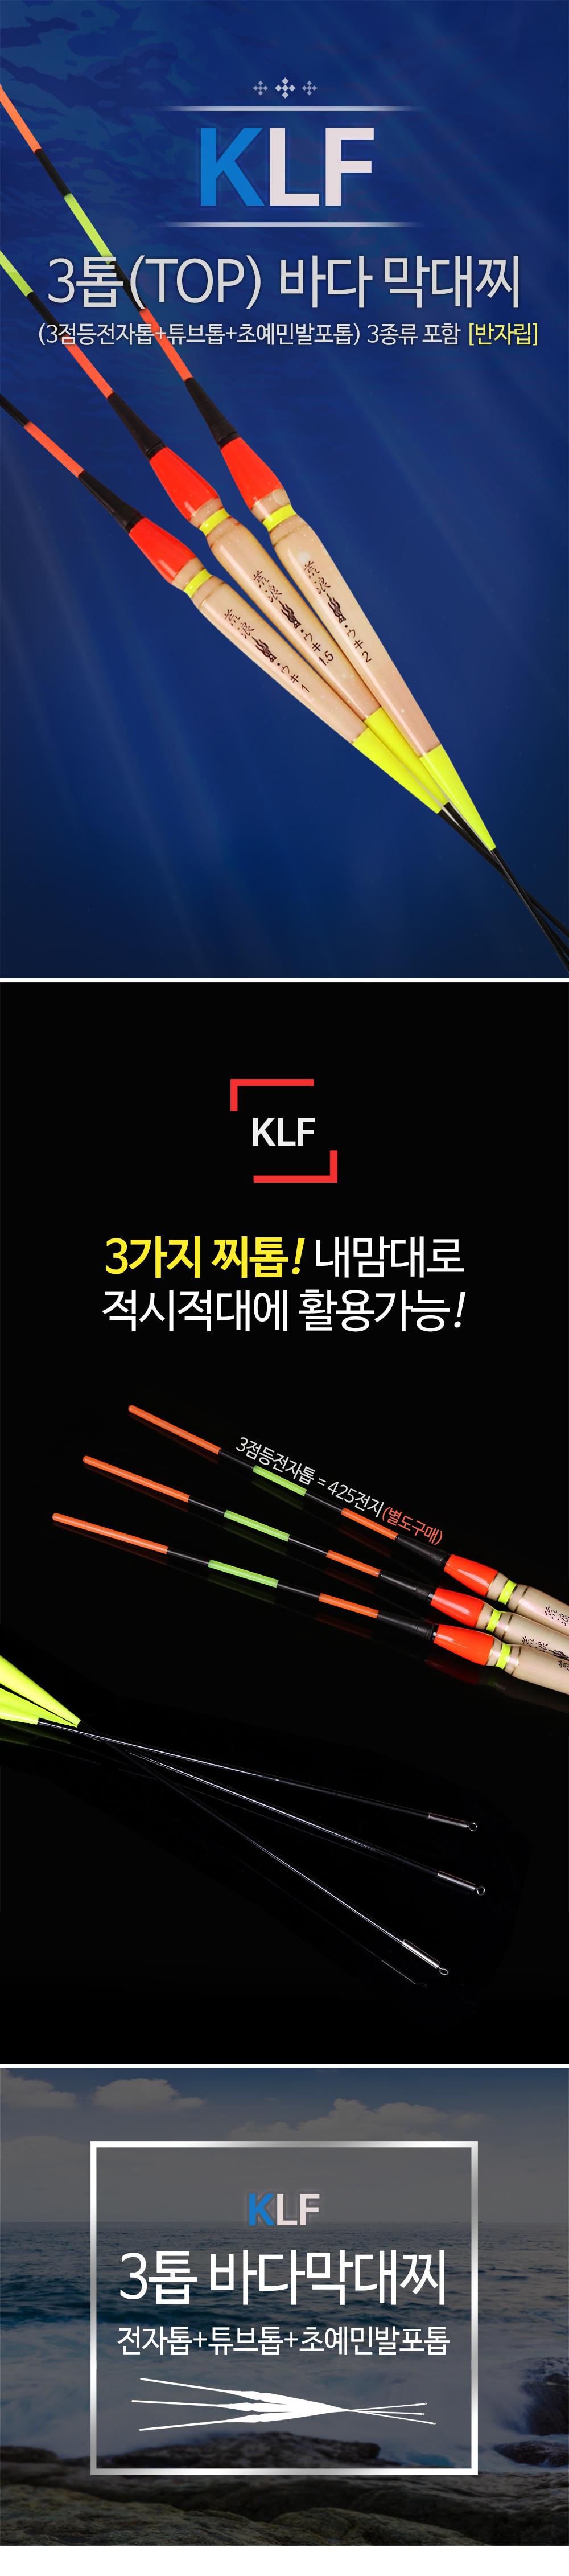 KLF 3톱 TOP 바다 막대찌 3점등전자톱 튜브톱 초예민발포톱 3종류 포함 바다전자찌 바다전자막대찌 전자막대찌 바다막대찌 막대전자찌